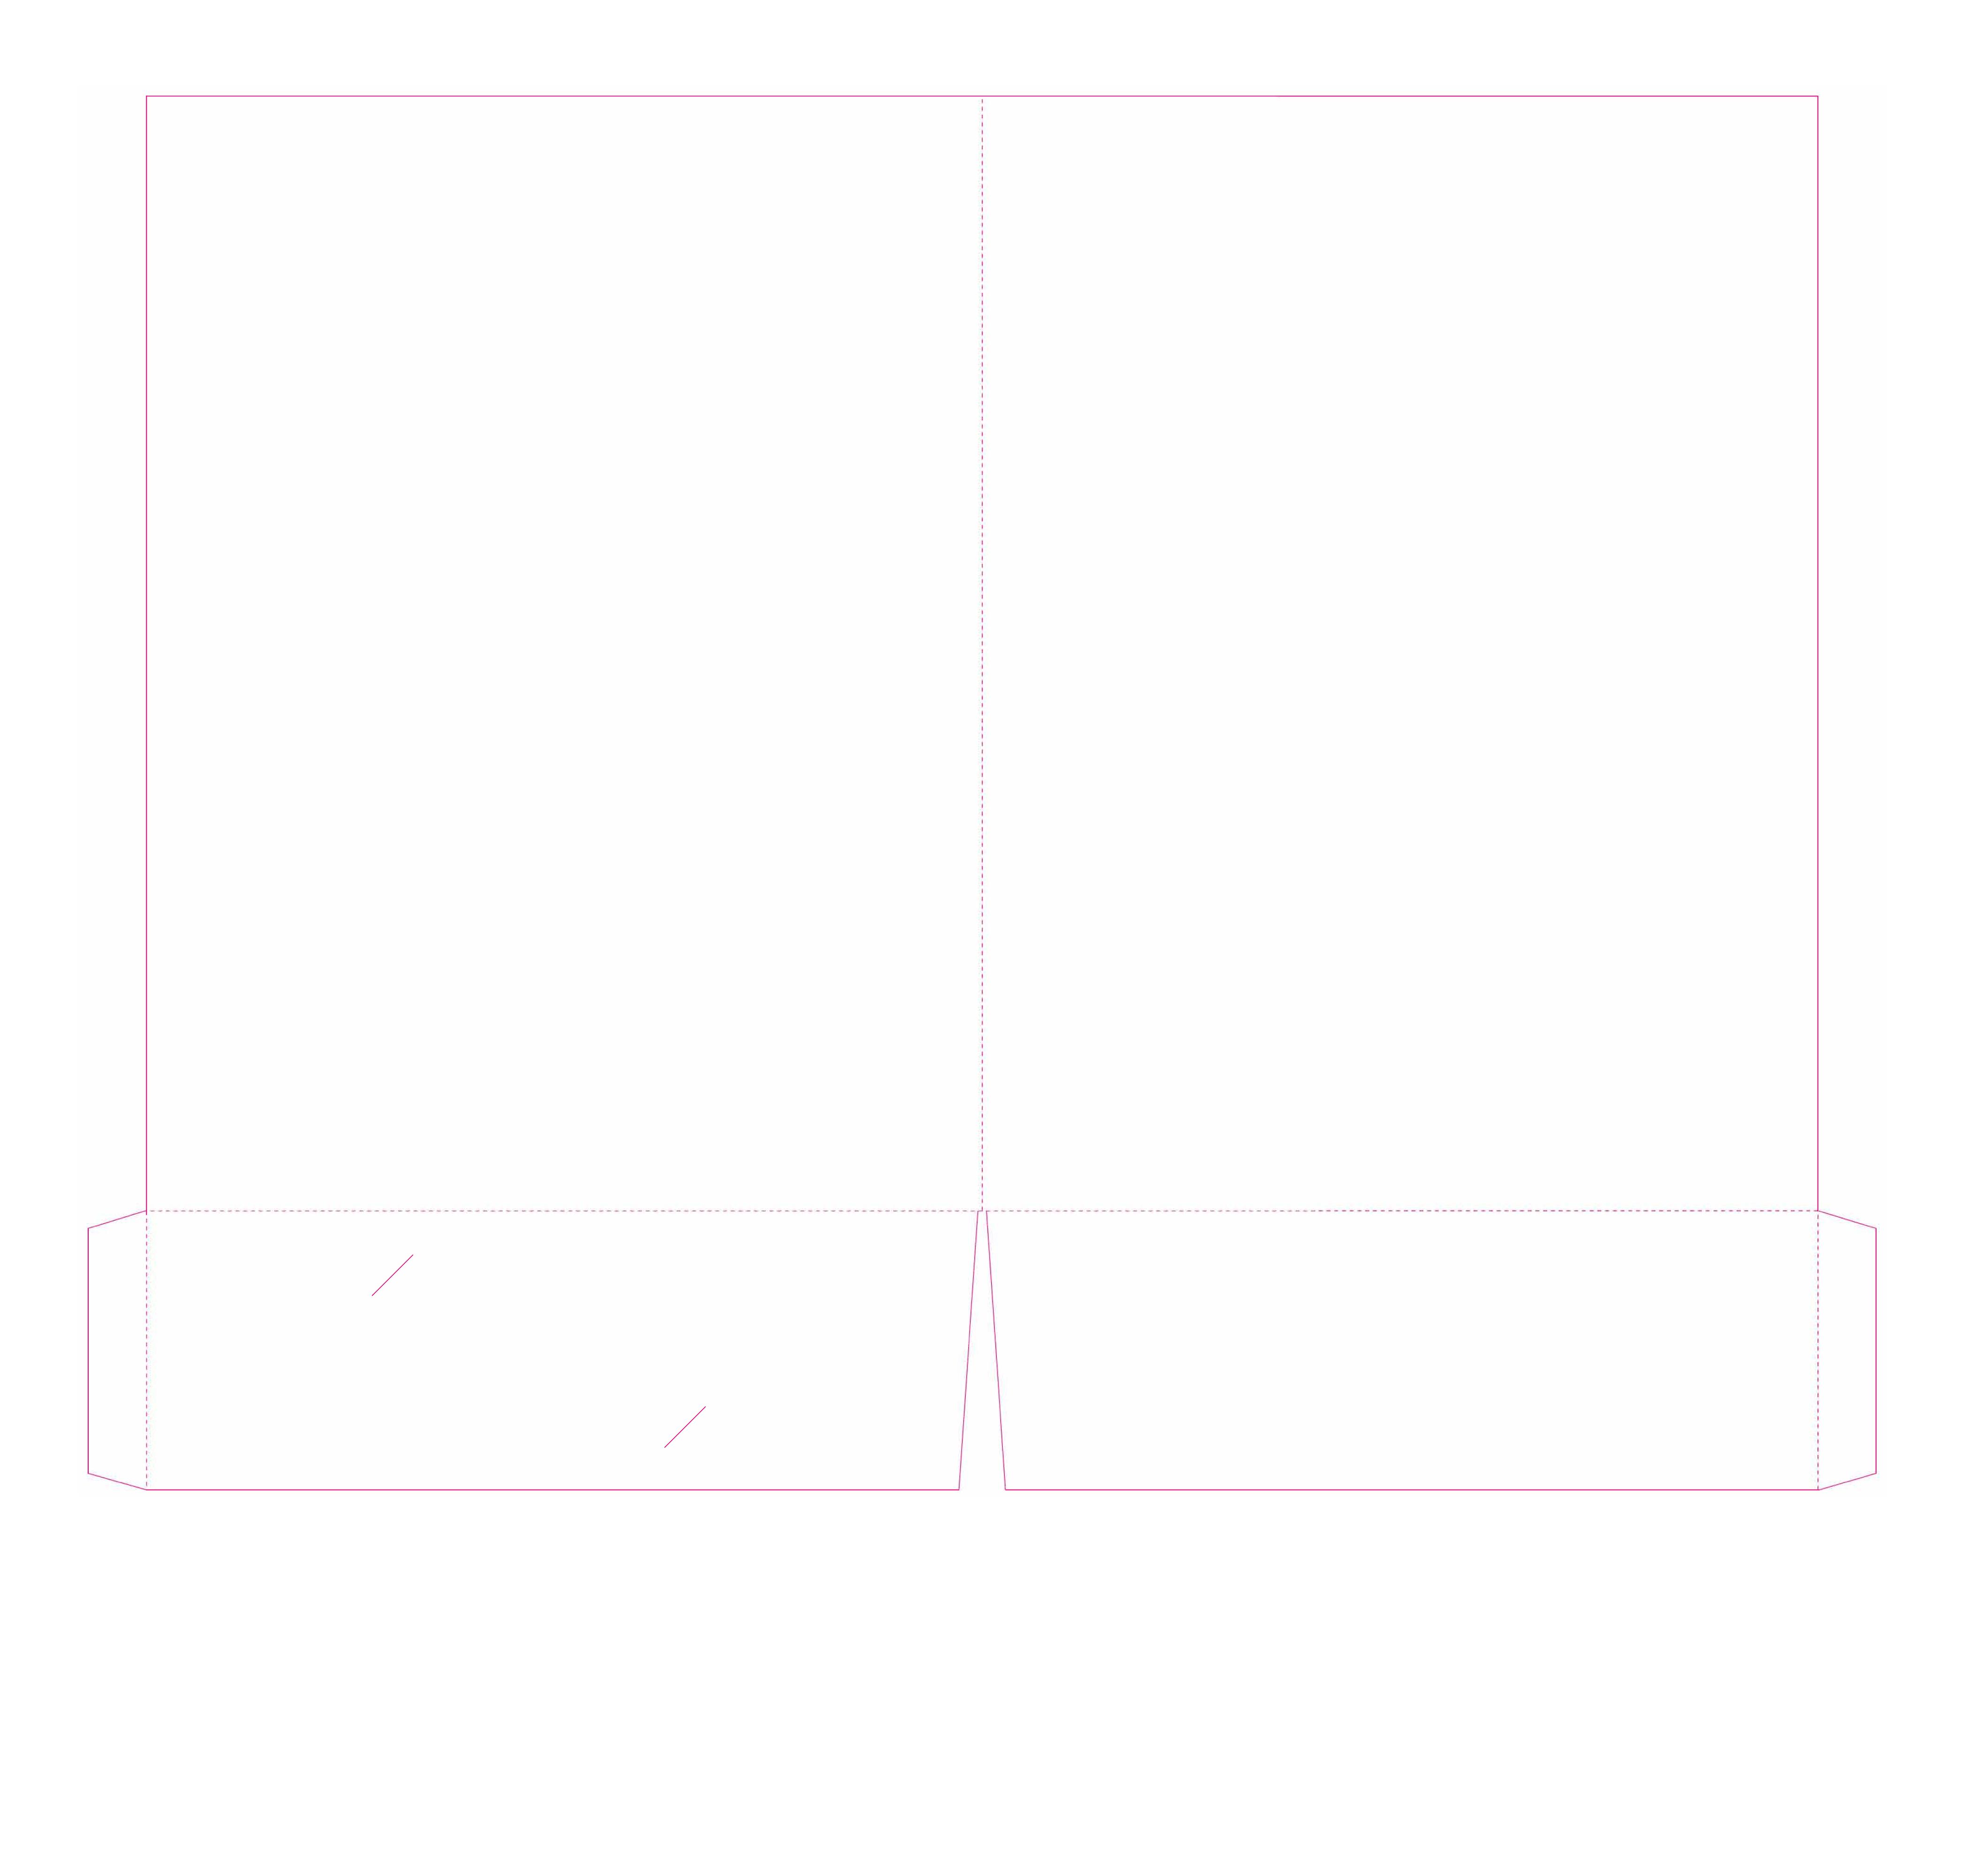 2 | Modèle 2 - Sans infos